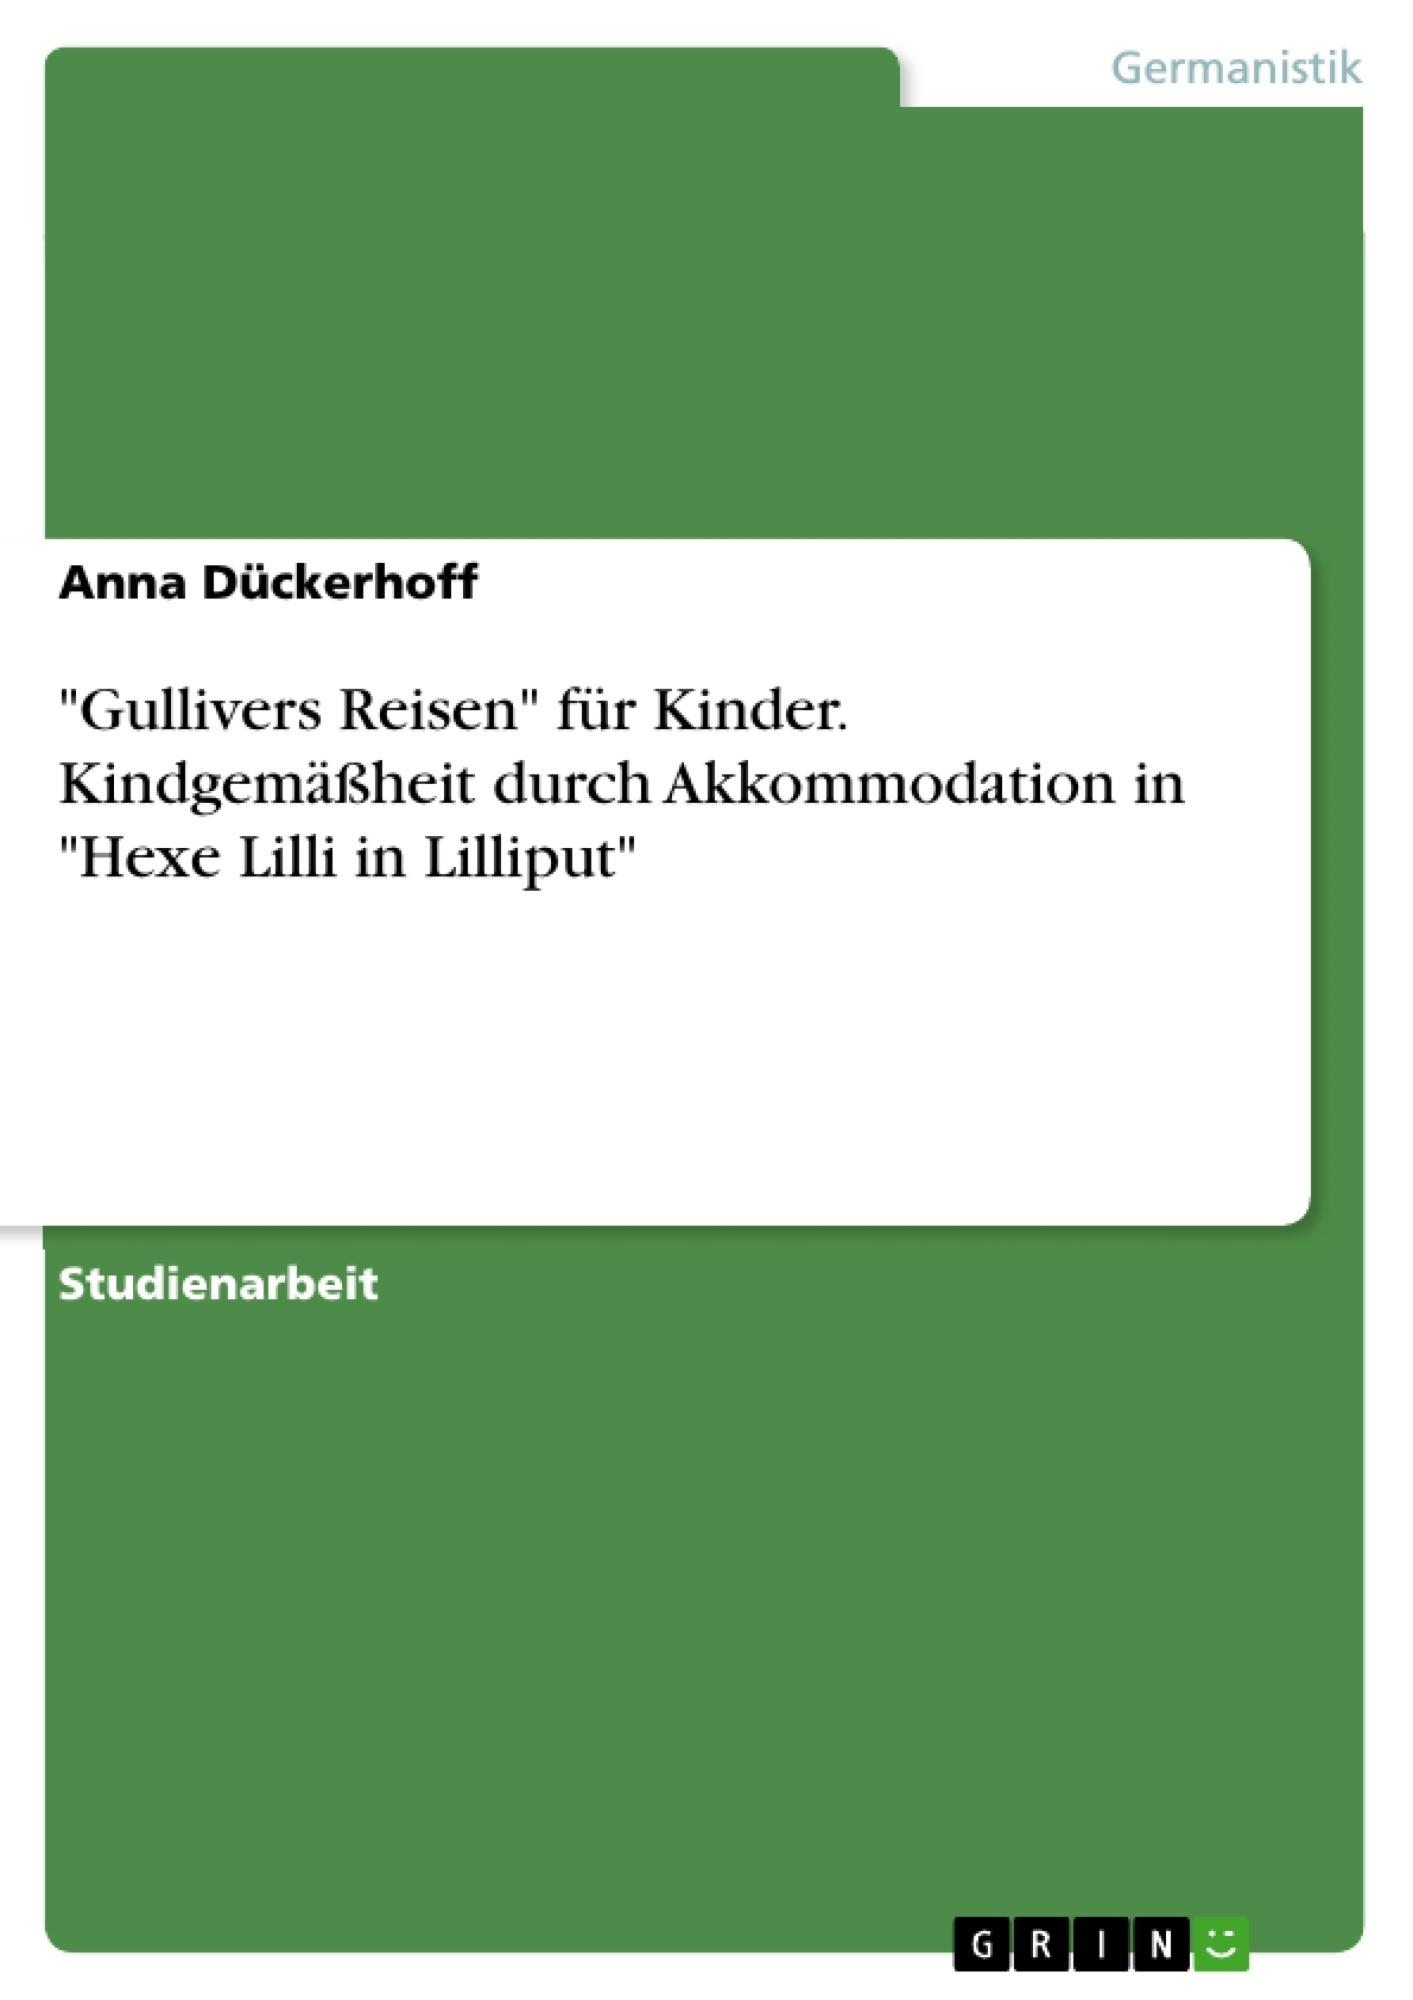 """Titel: """"Gullivers Reisen"""" für Kinder. Kindgemäßheit durch Akkommodation in """"Hexe Lilli in Lilliput"""""""